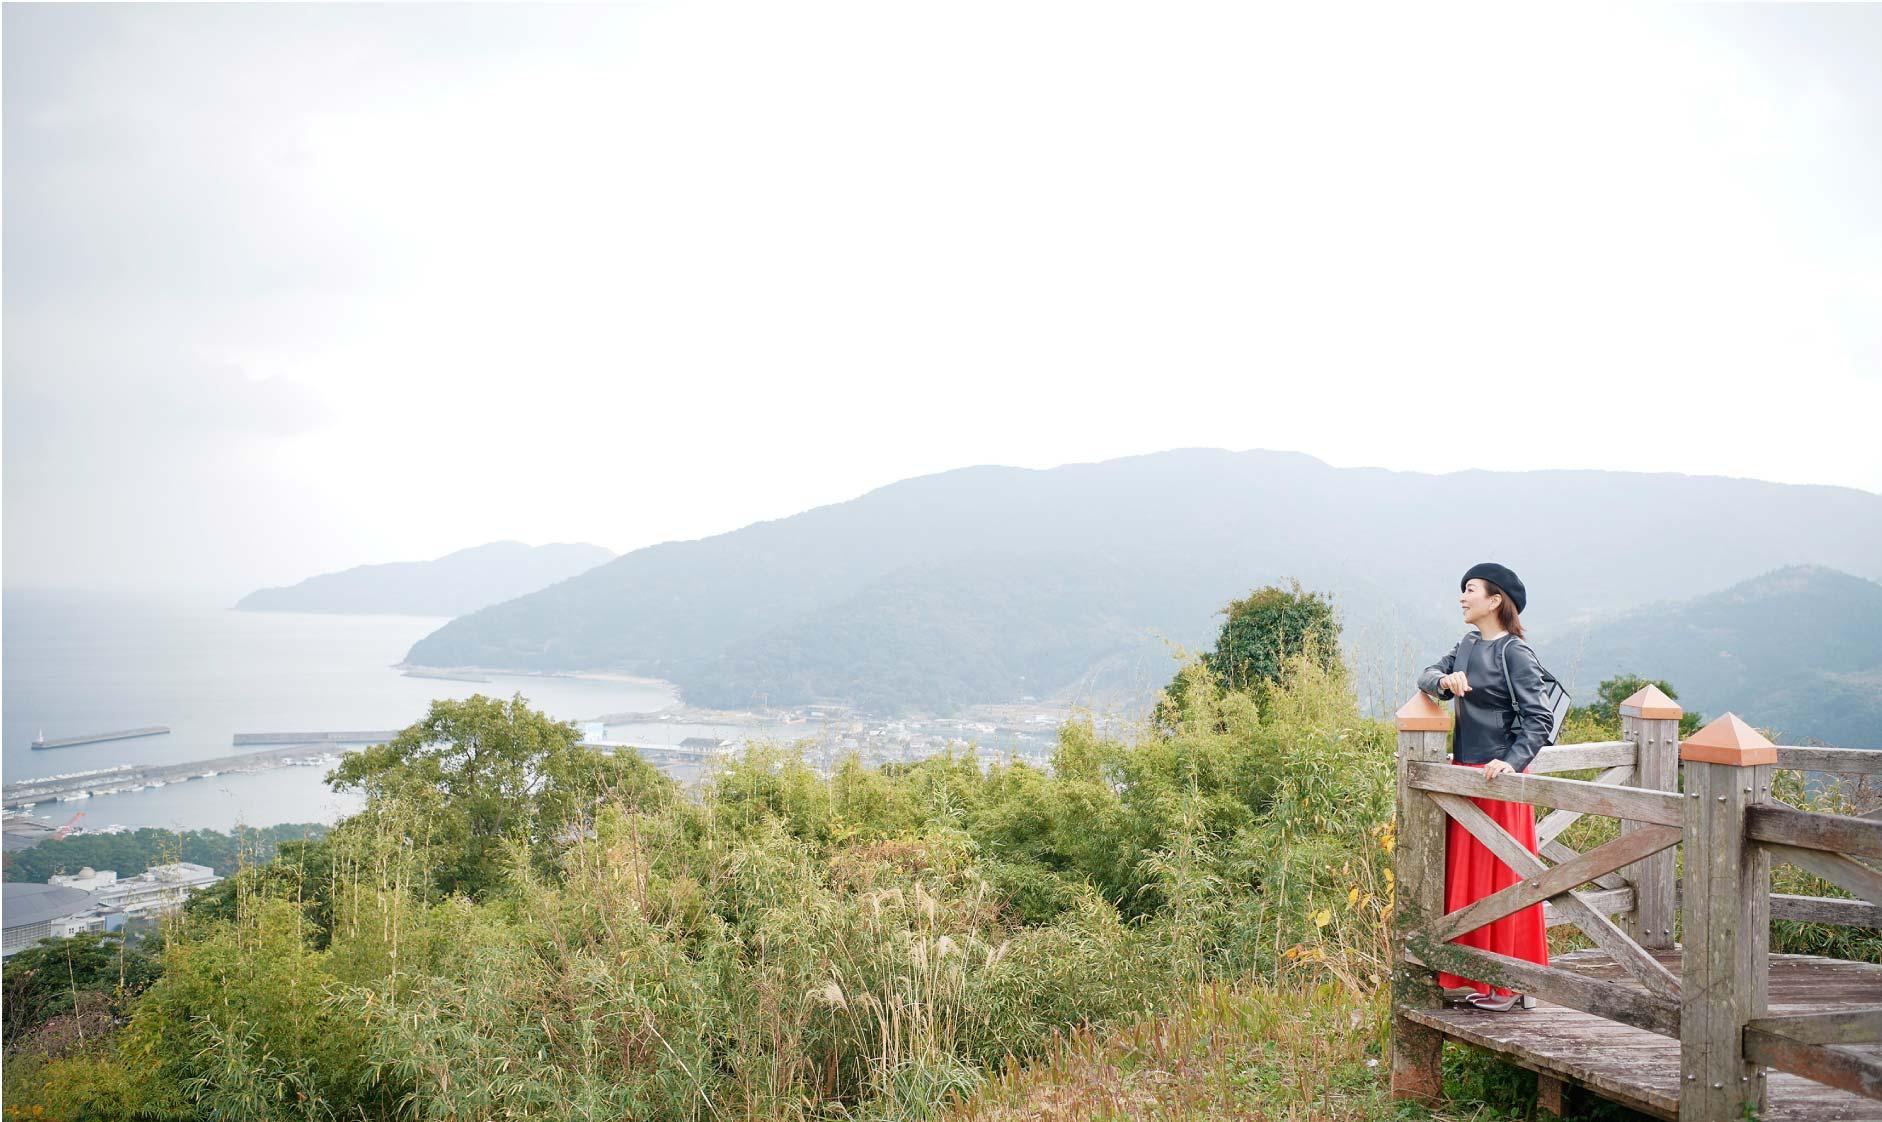 叶岳ふれあいの森展望ボードウォークから町を見渡す真矢ミキさん